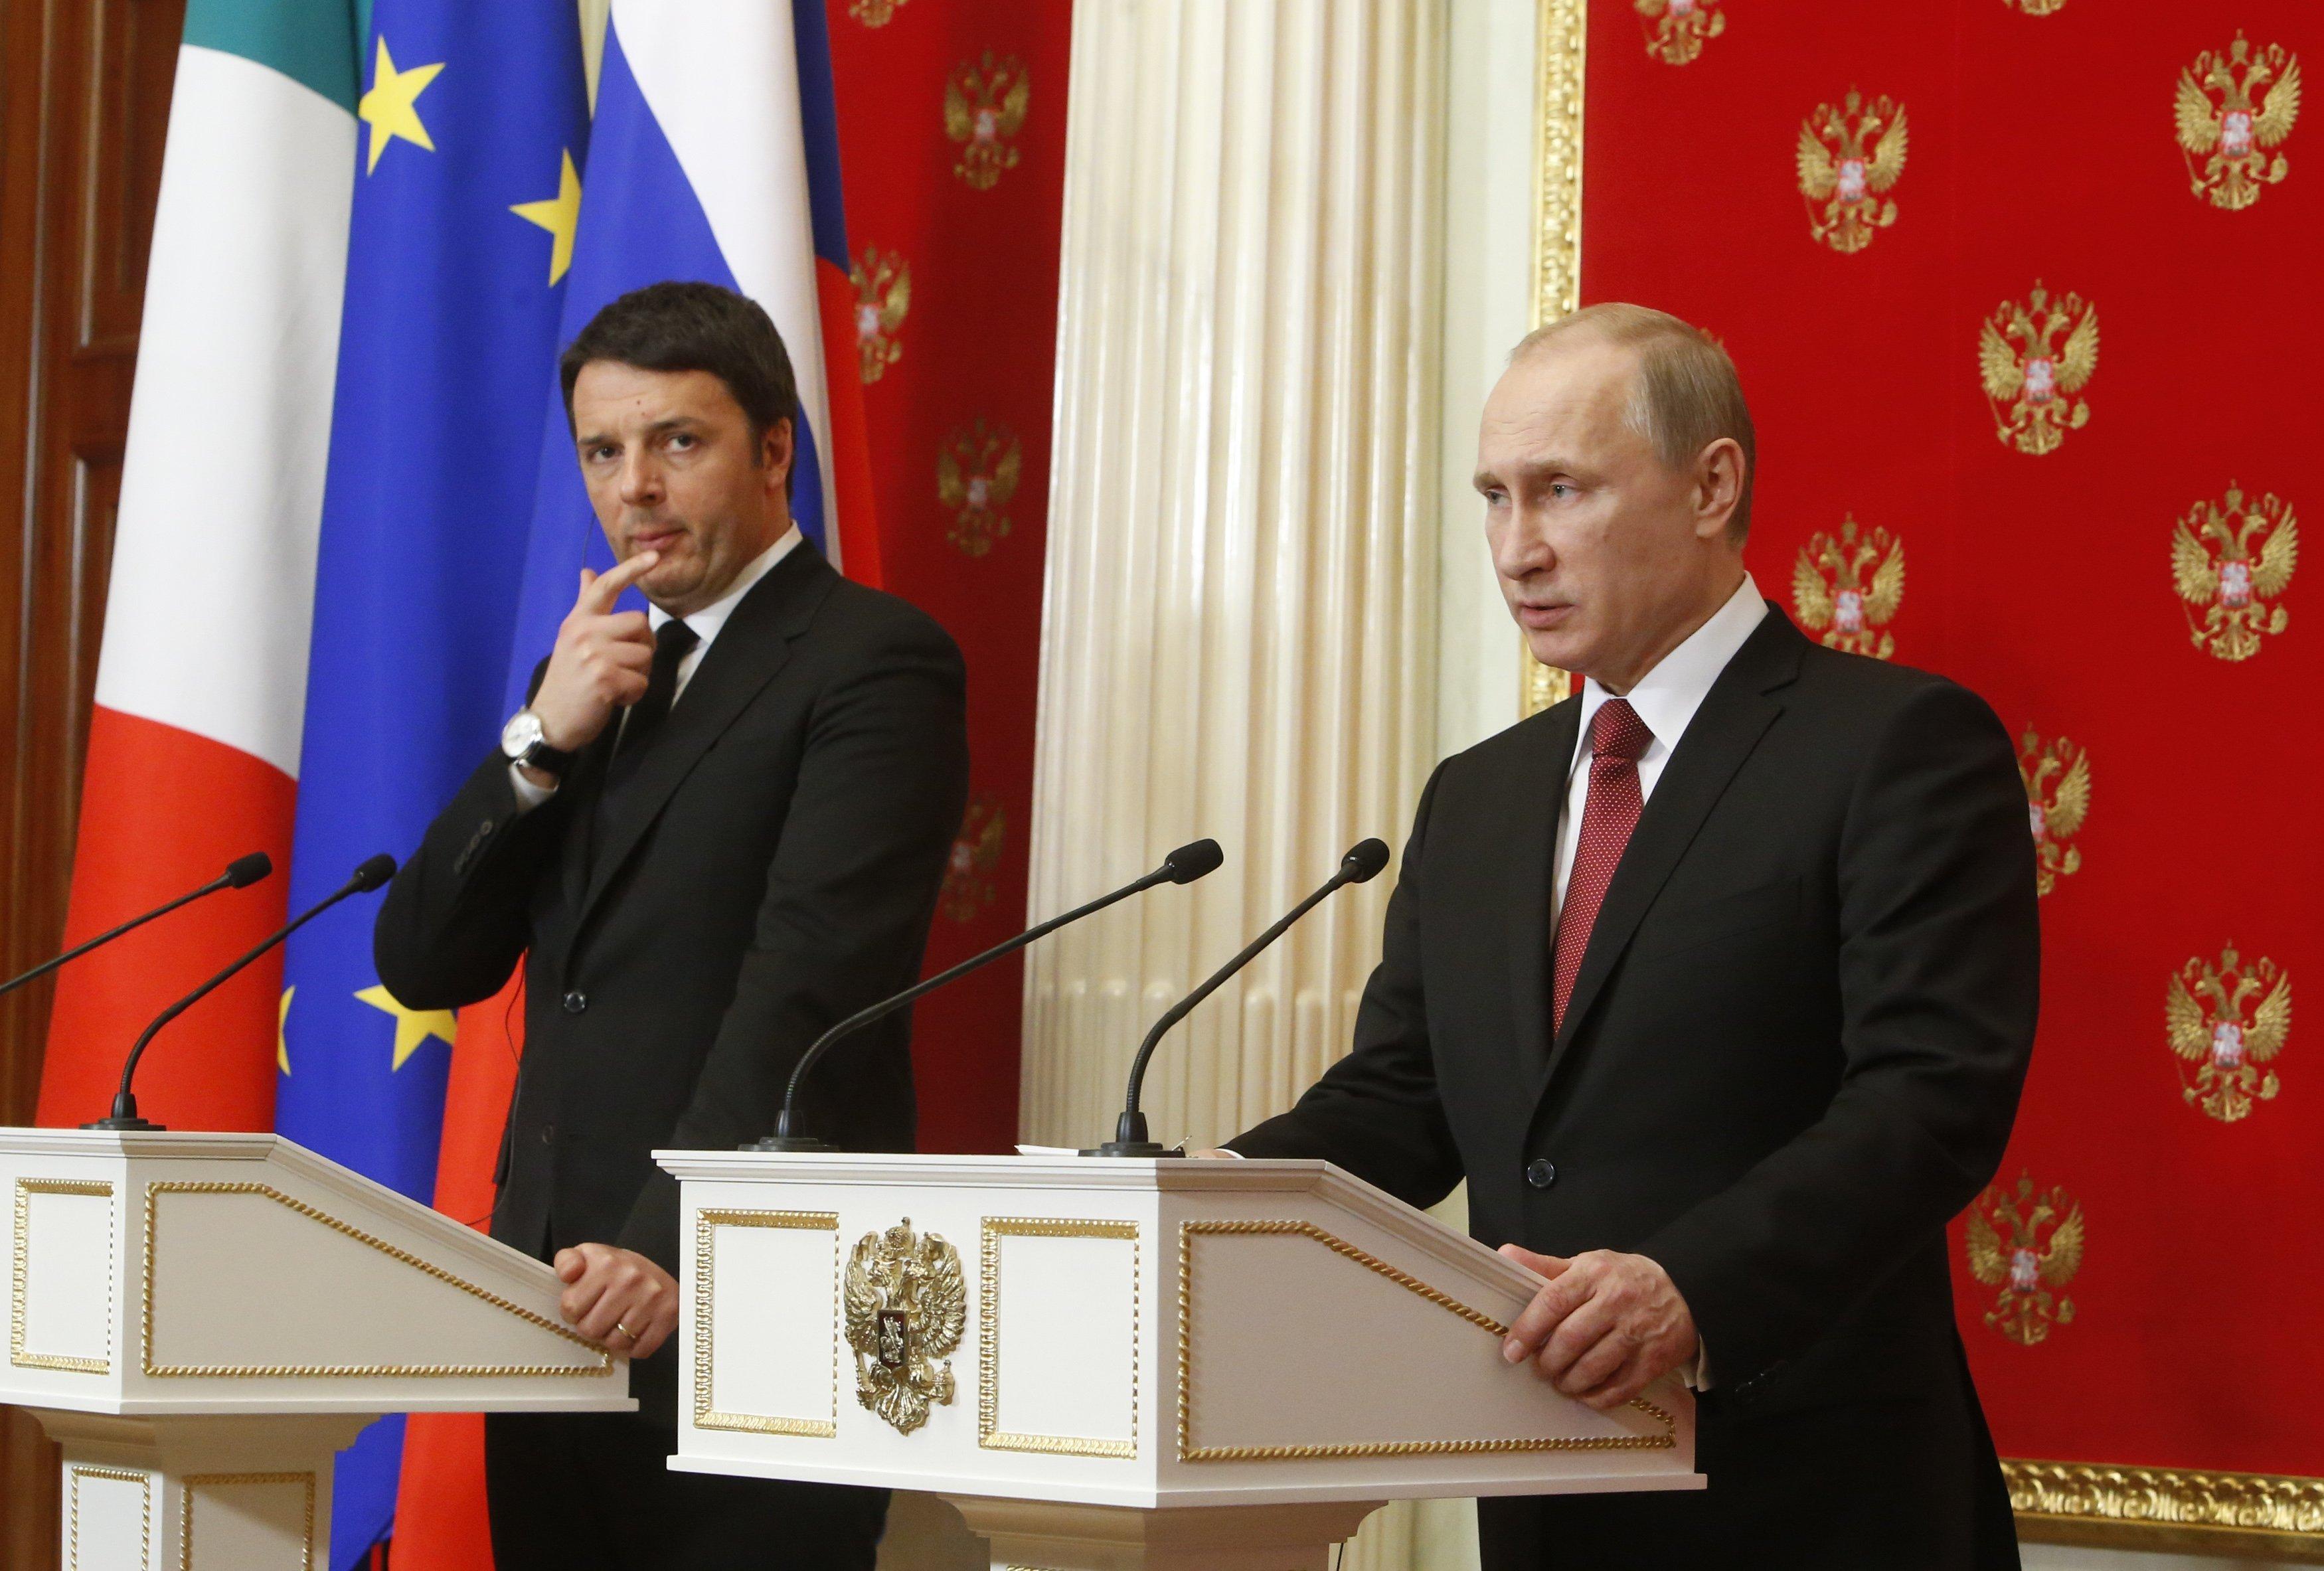 http://revista22.ro/files/news/manset/default/foto-traianasdsad.jpg